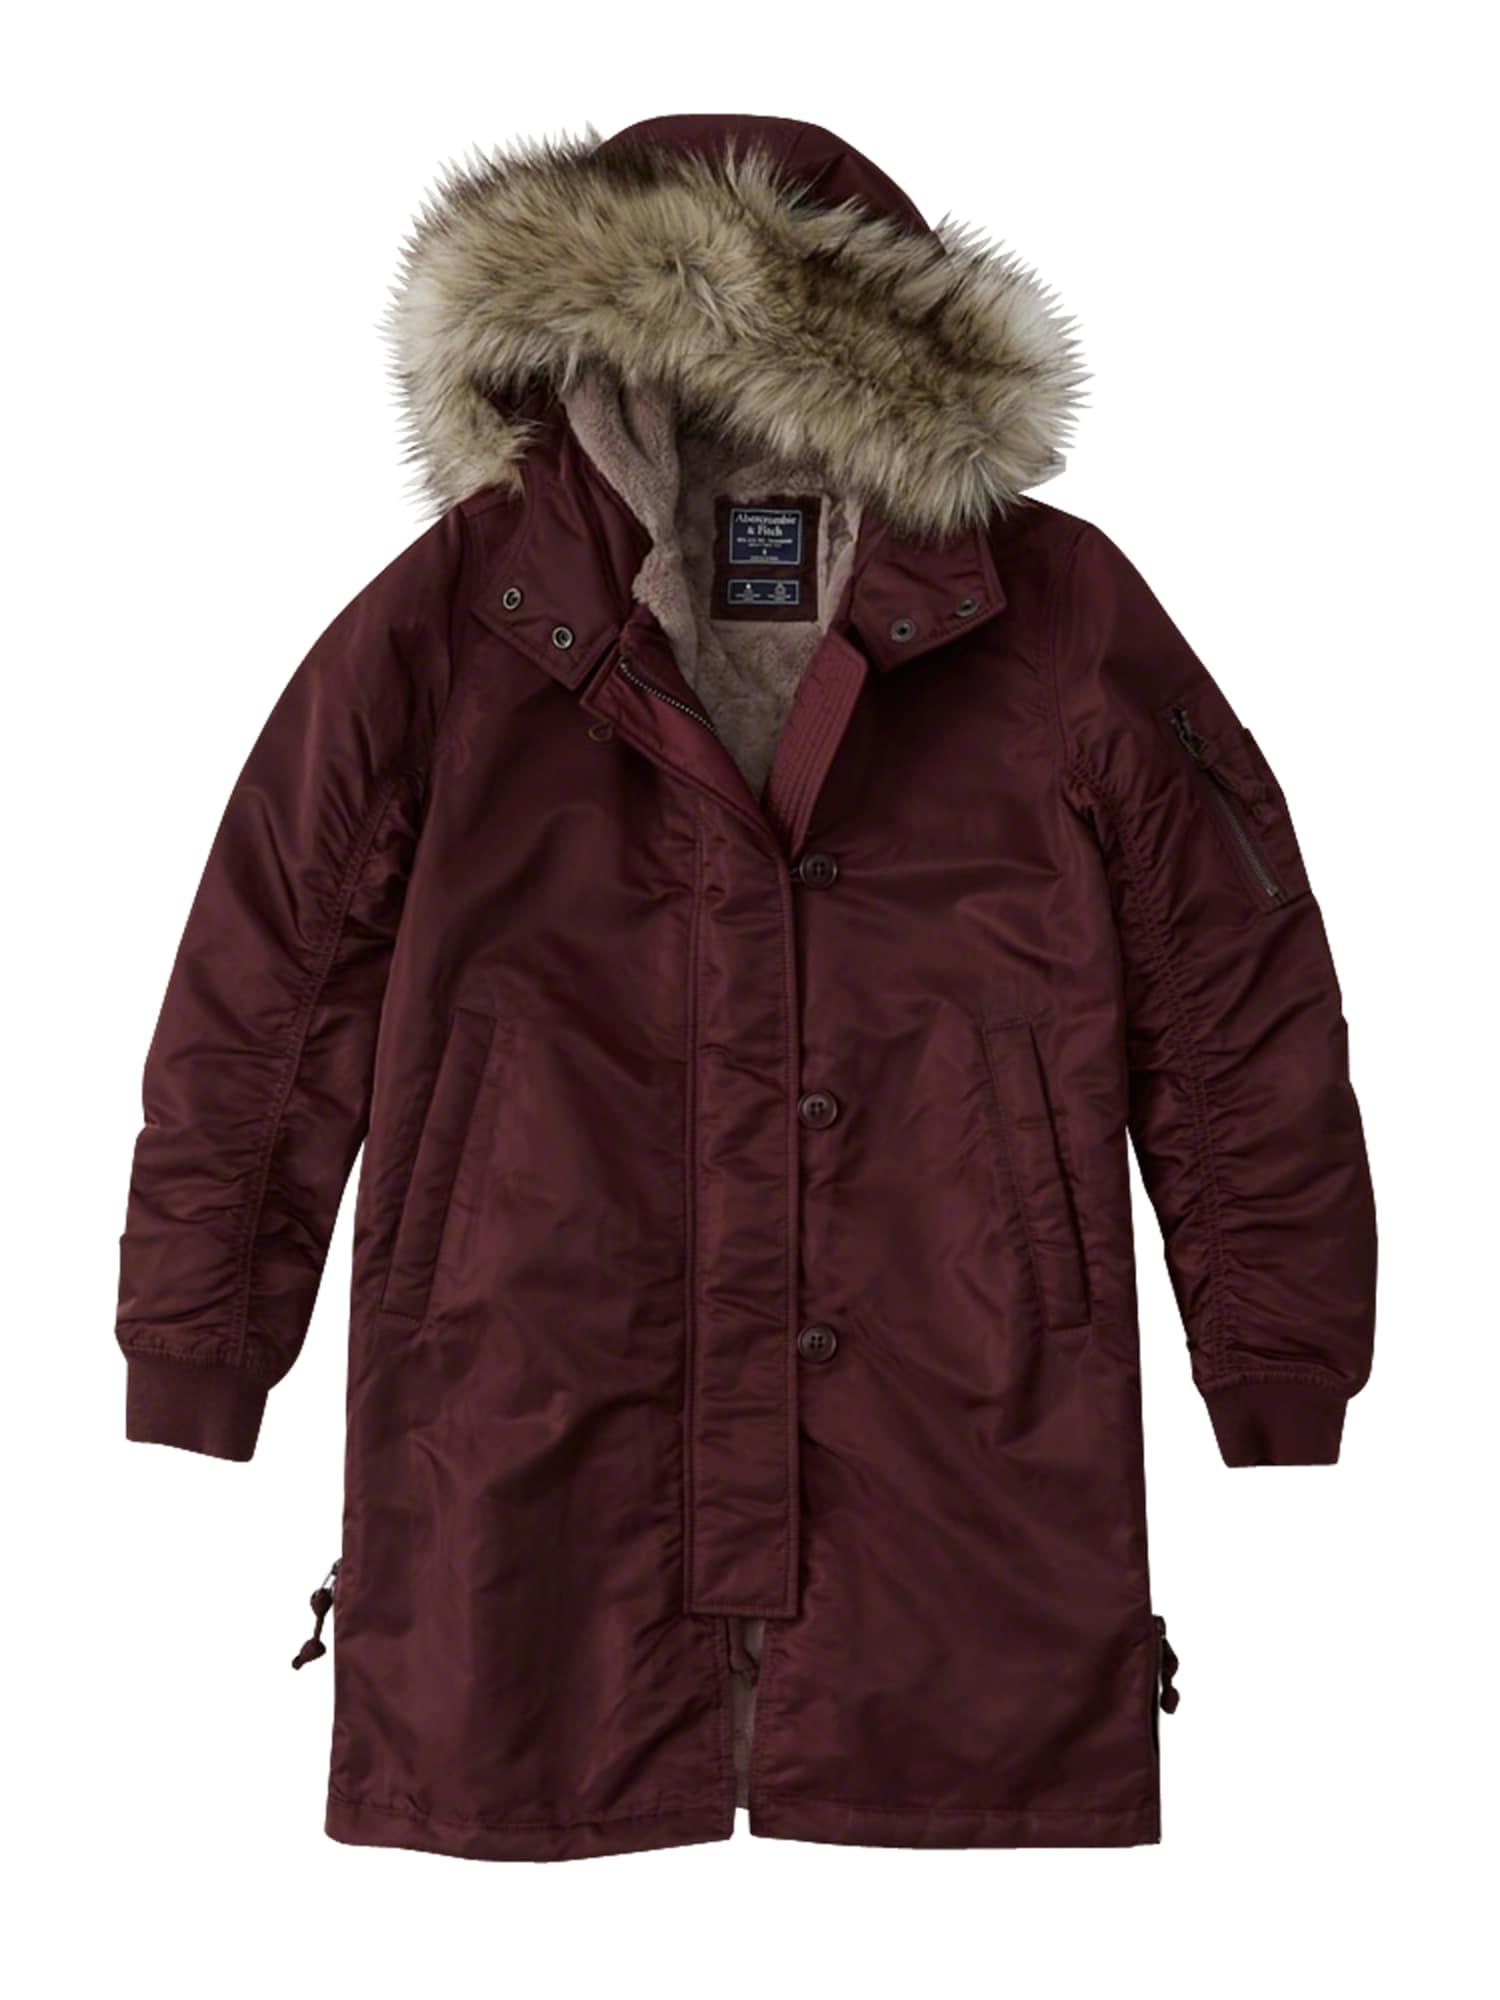 Abercrombie & Fitch Rudeninis-žieminis paltas 'BTS18-SHINY NYLON PARKA' burgundiško vyno spalva